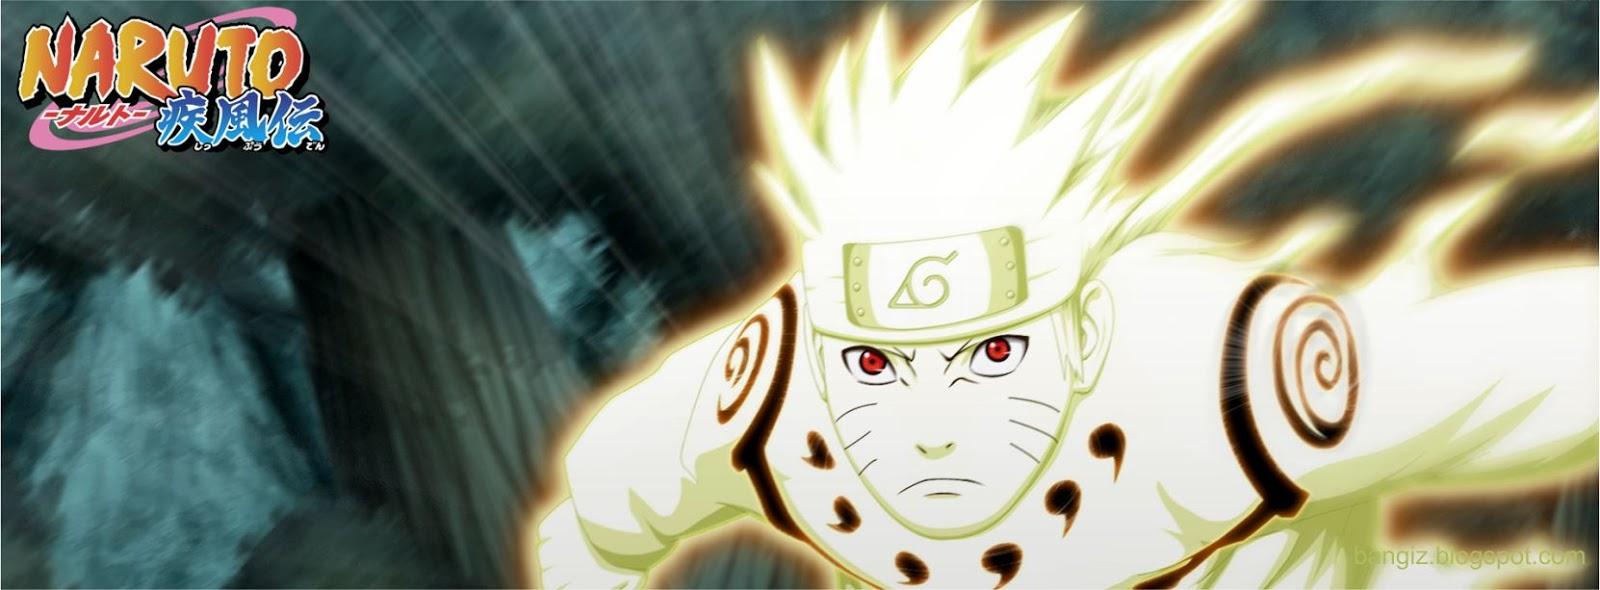 30 Foto Sampul Naruto Shippuden Keren Bangiz